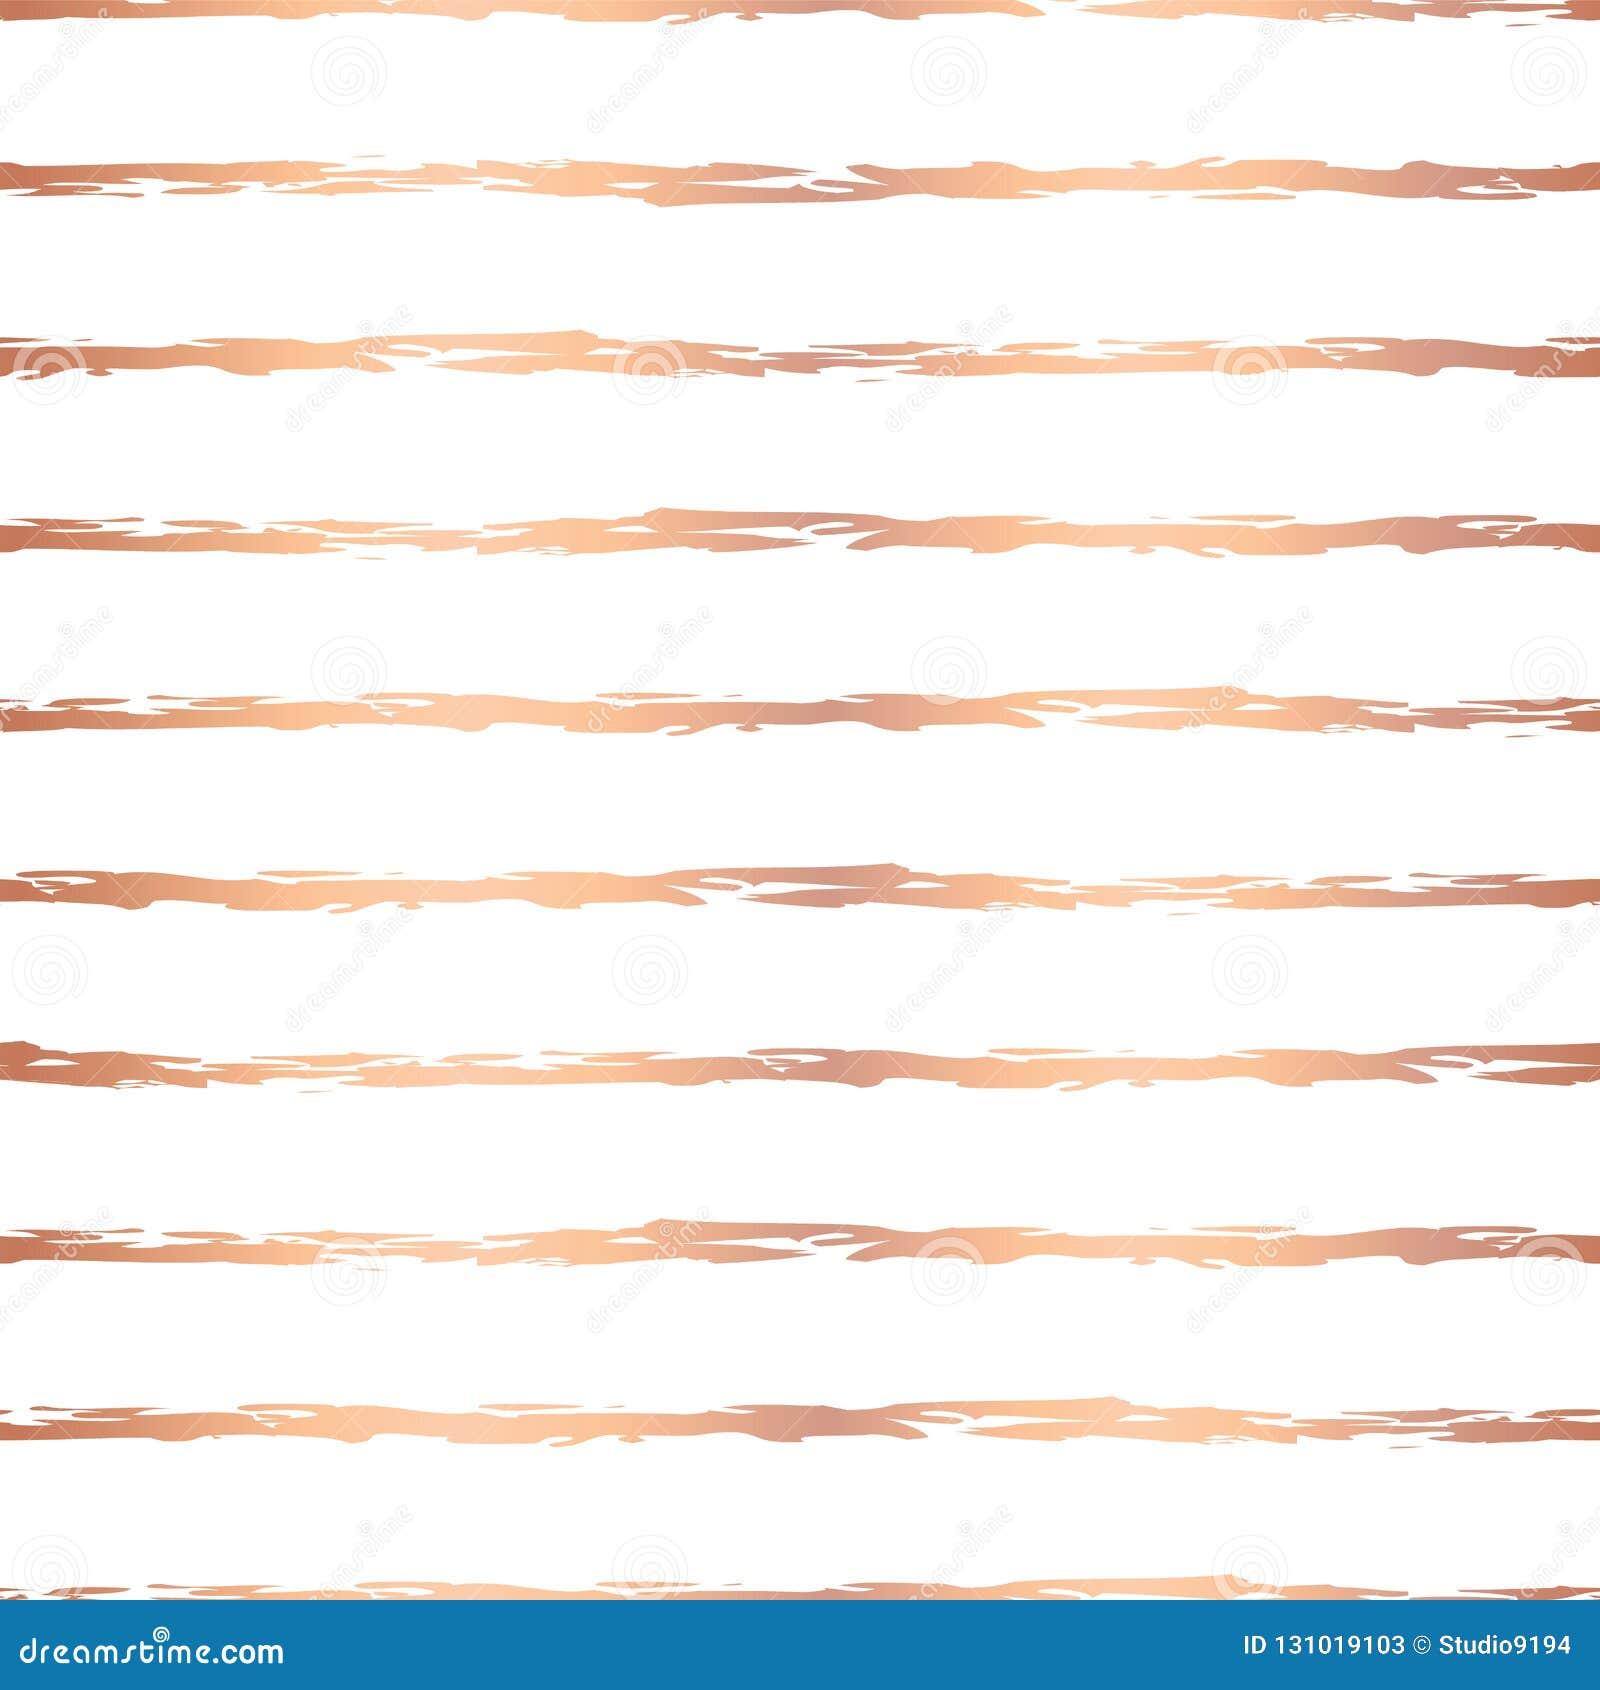 Horizontale Linien nahtloses Vektormuster Rose Gold-Folienhanddes gezogenen Bürstenanschlags Kupferne unregelmäßige Streifen auf